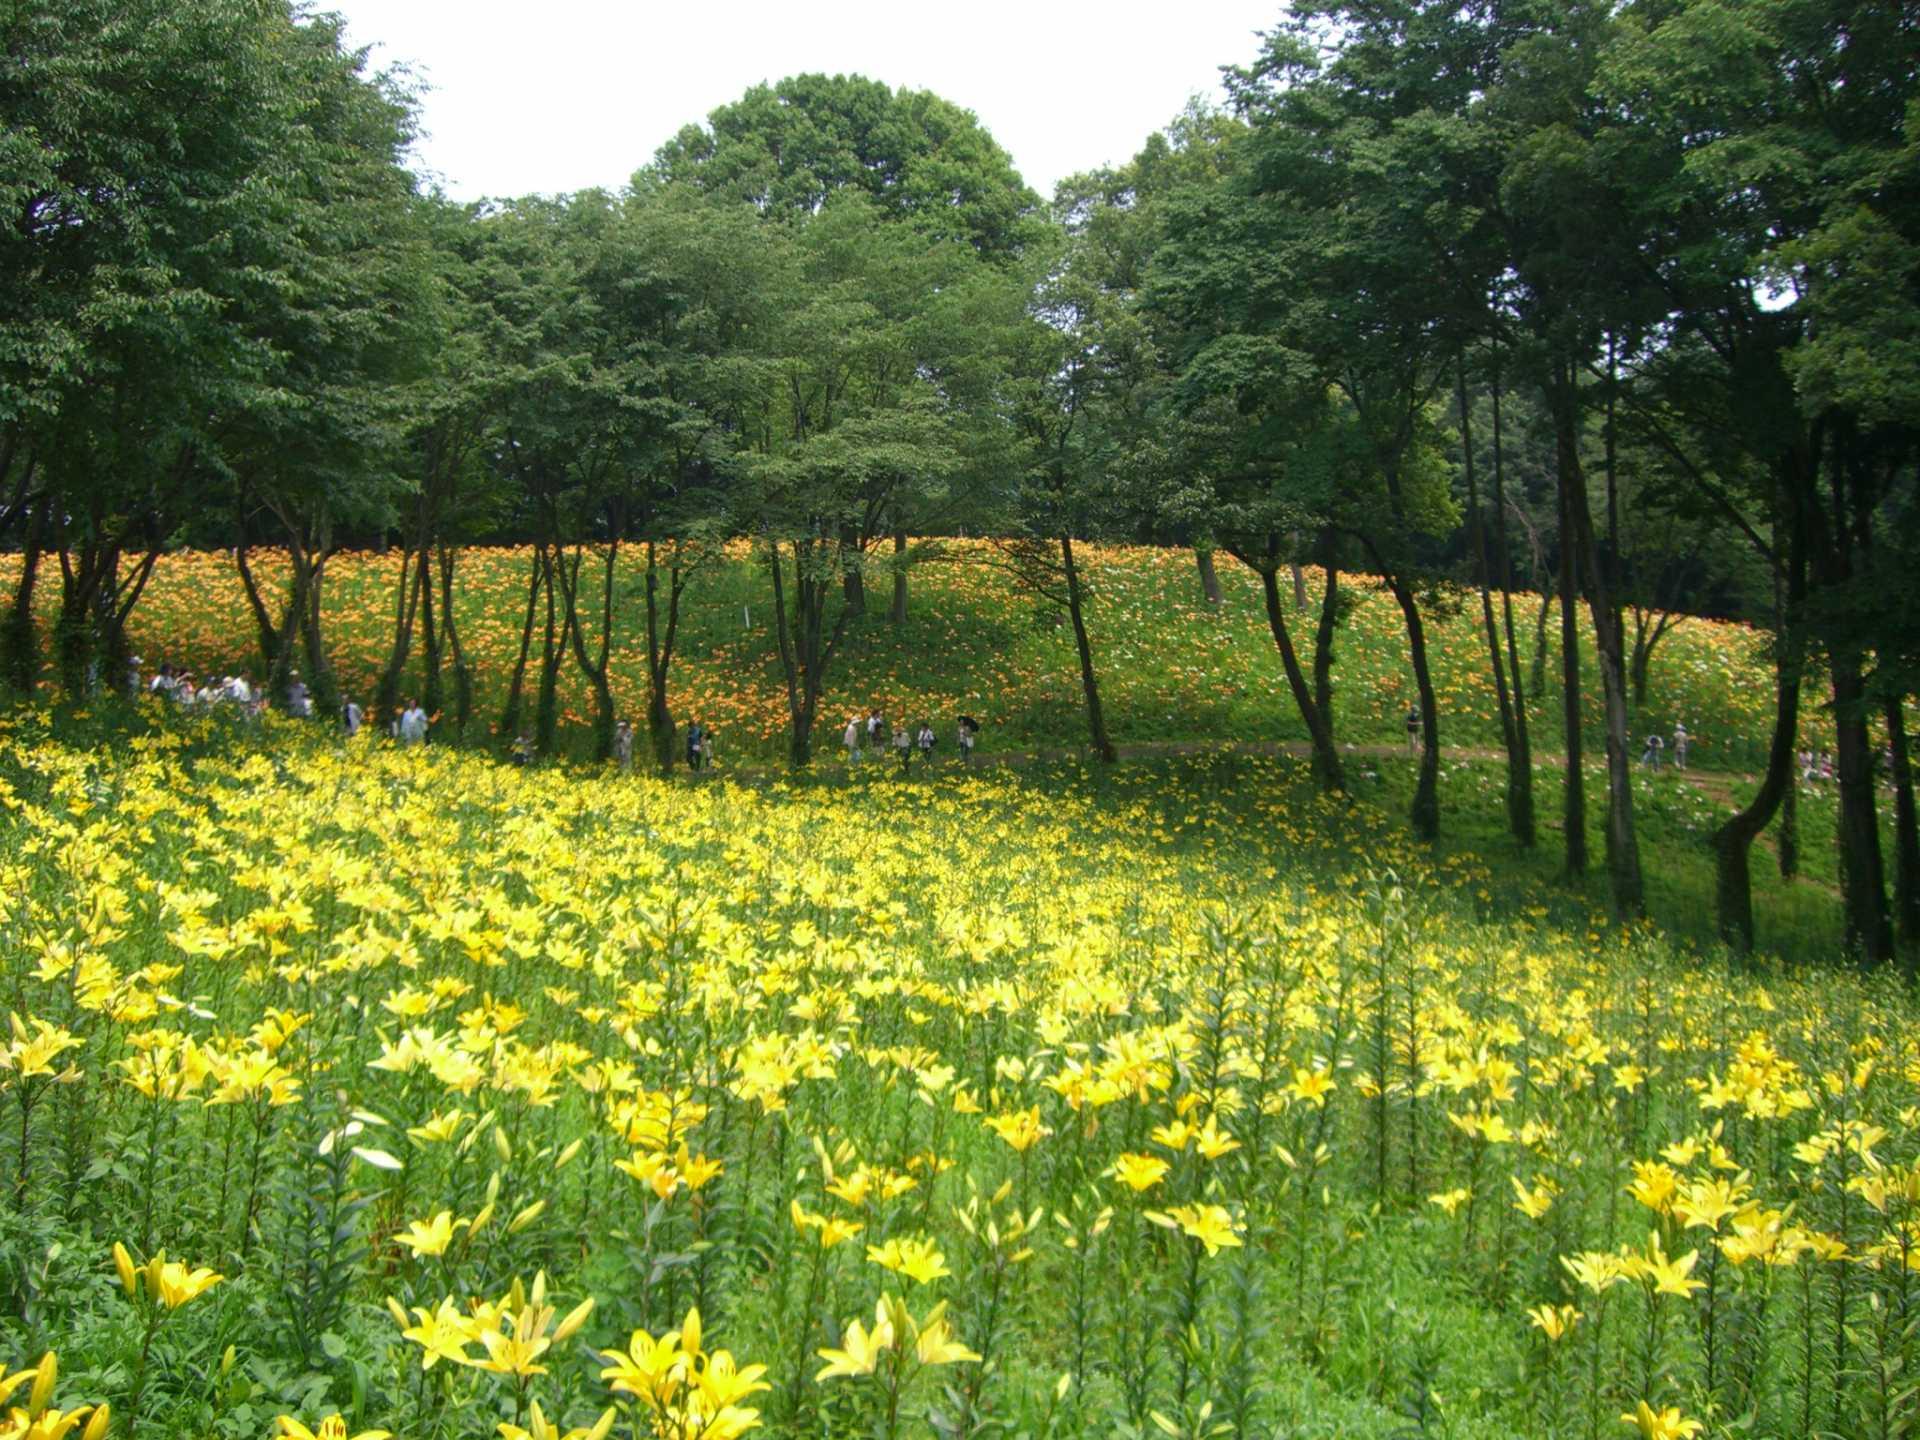 翠綠的樹林和嫵媚的百合花